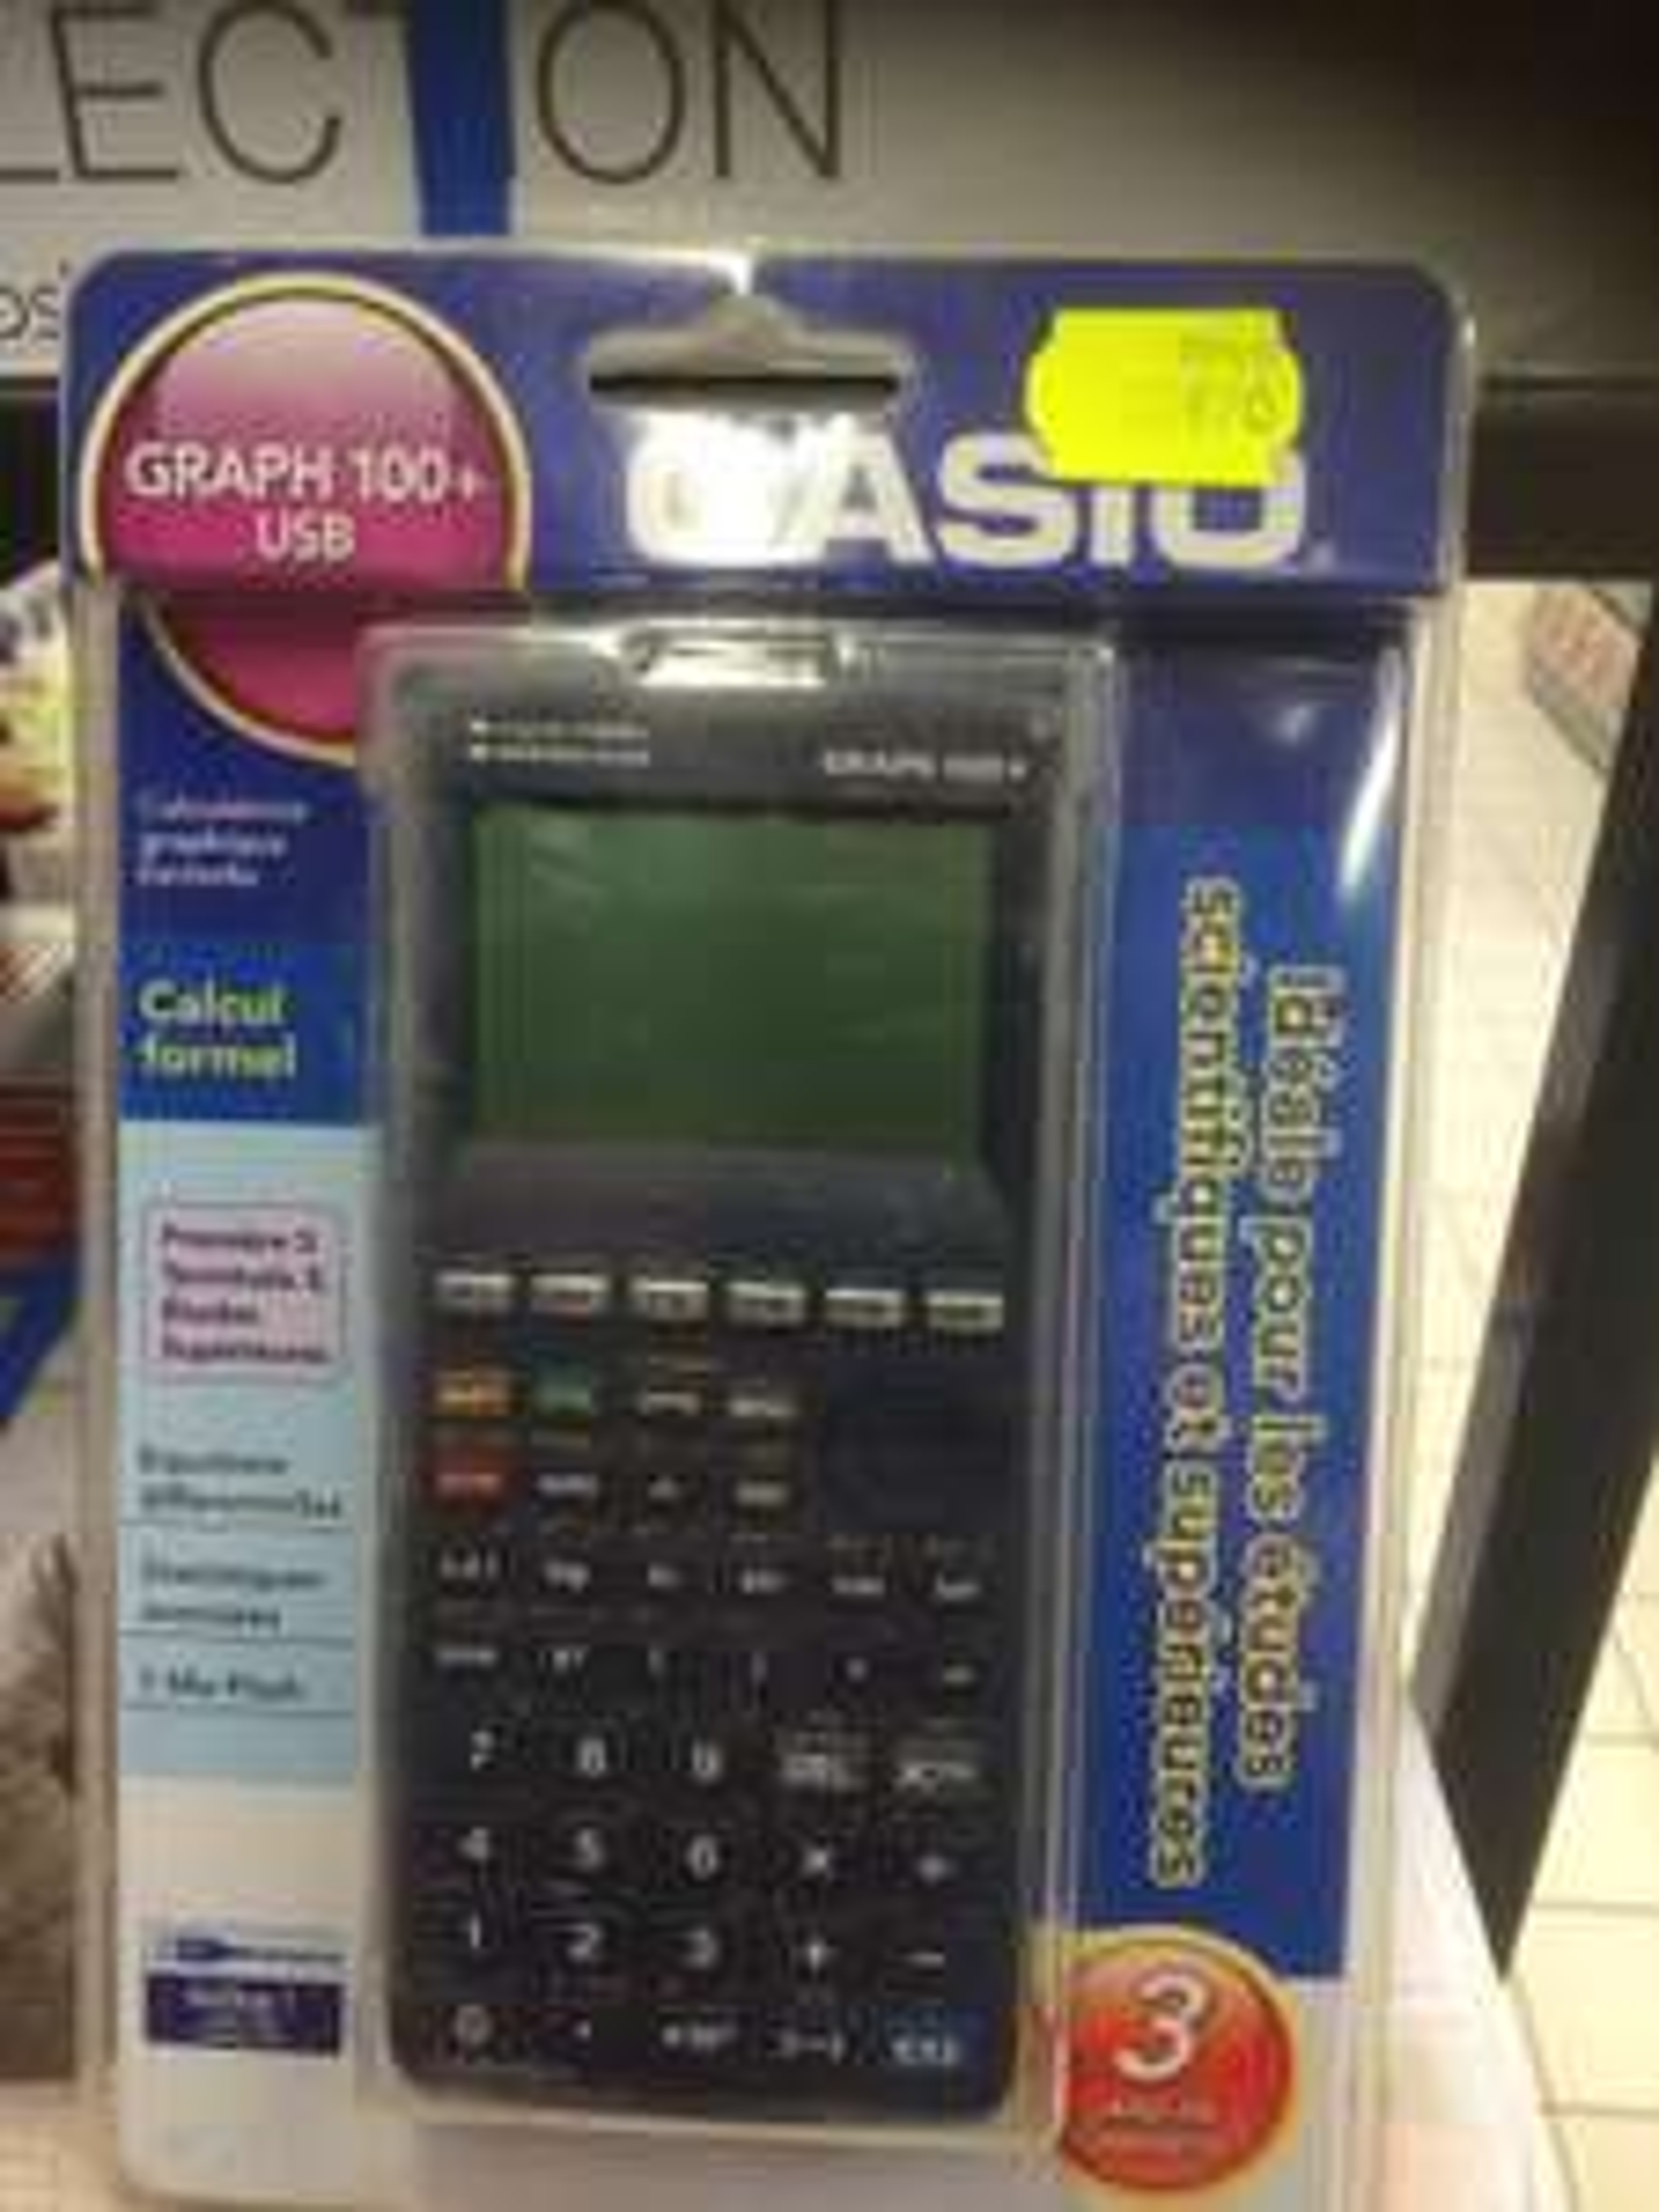 Calculatrice Casio Graph 100+ USB